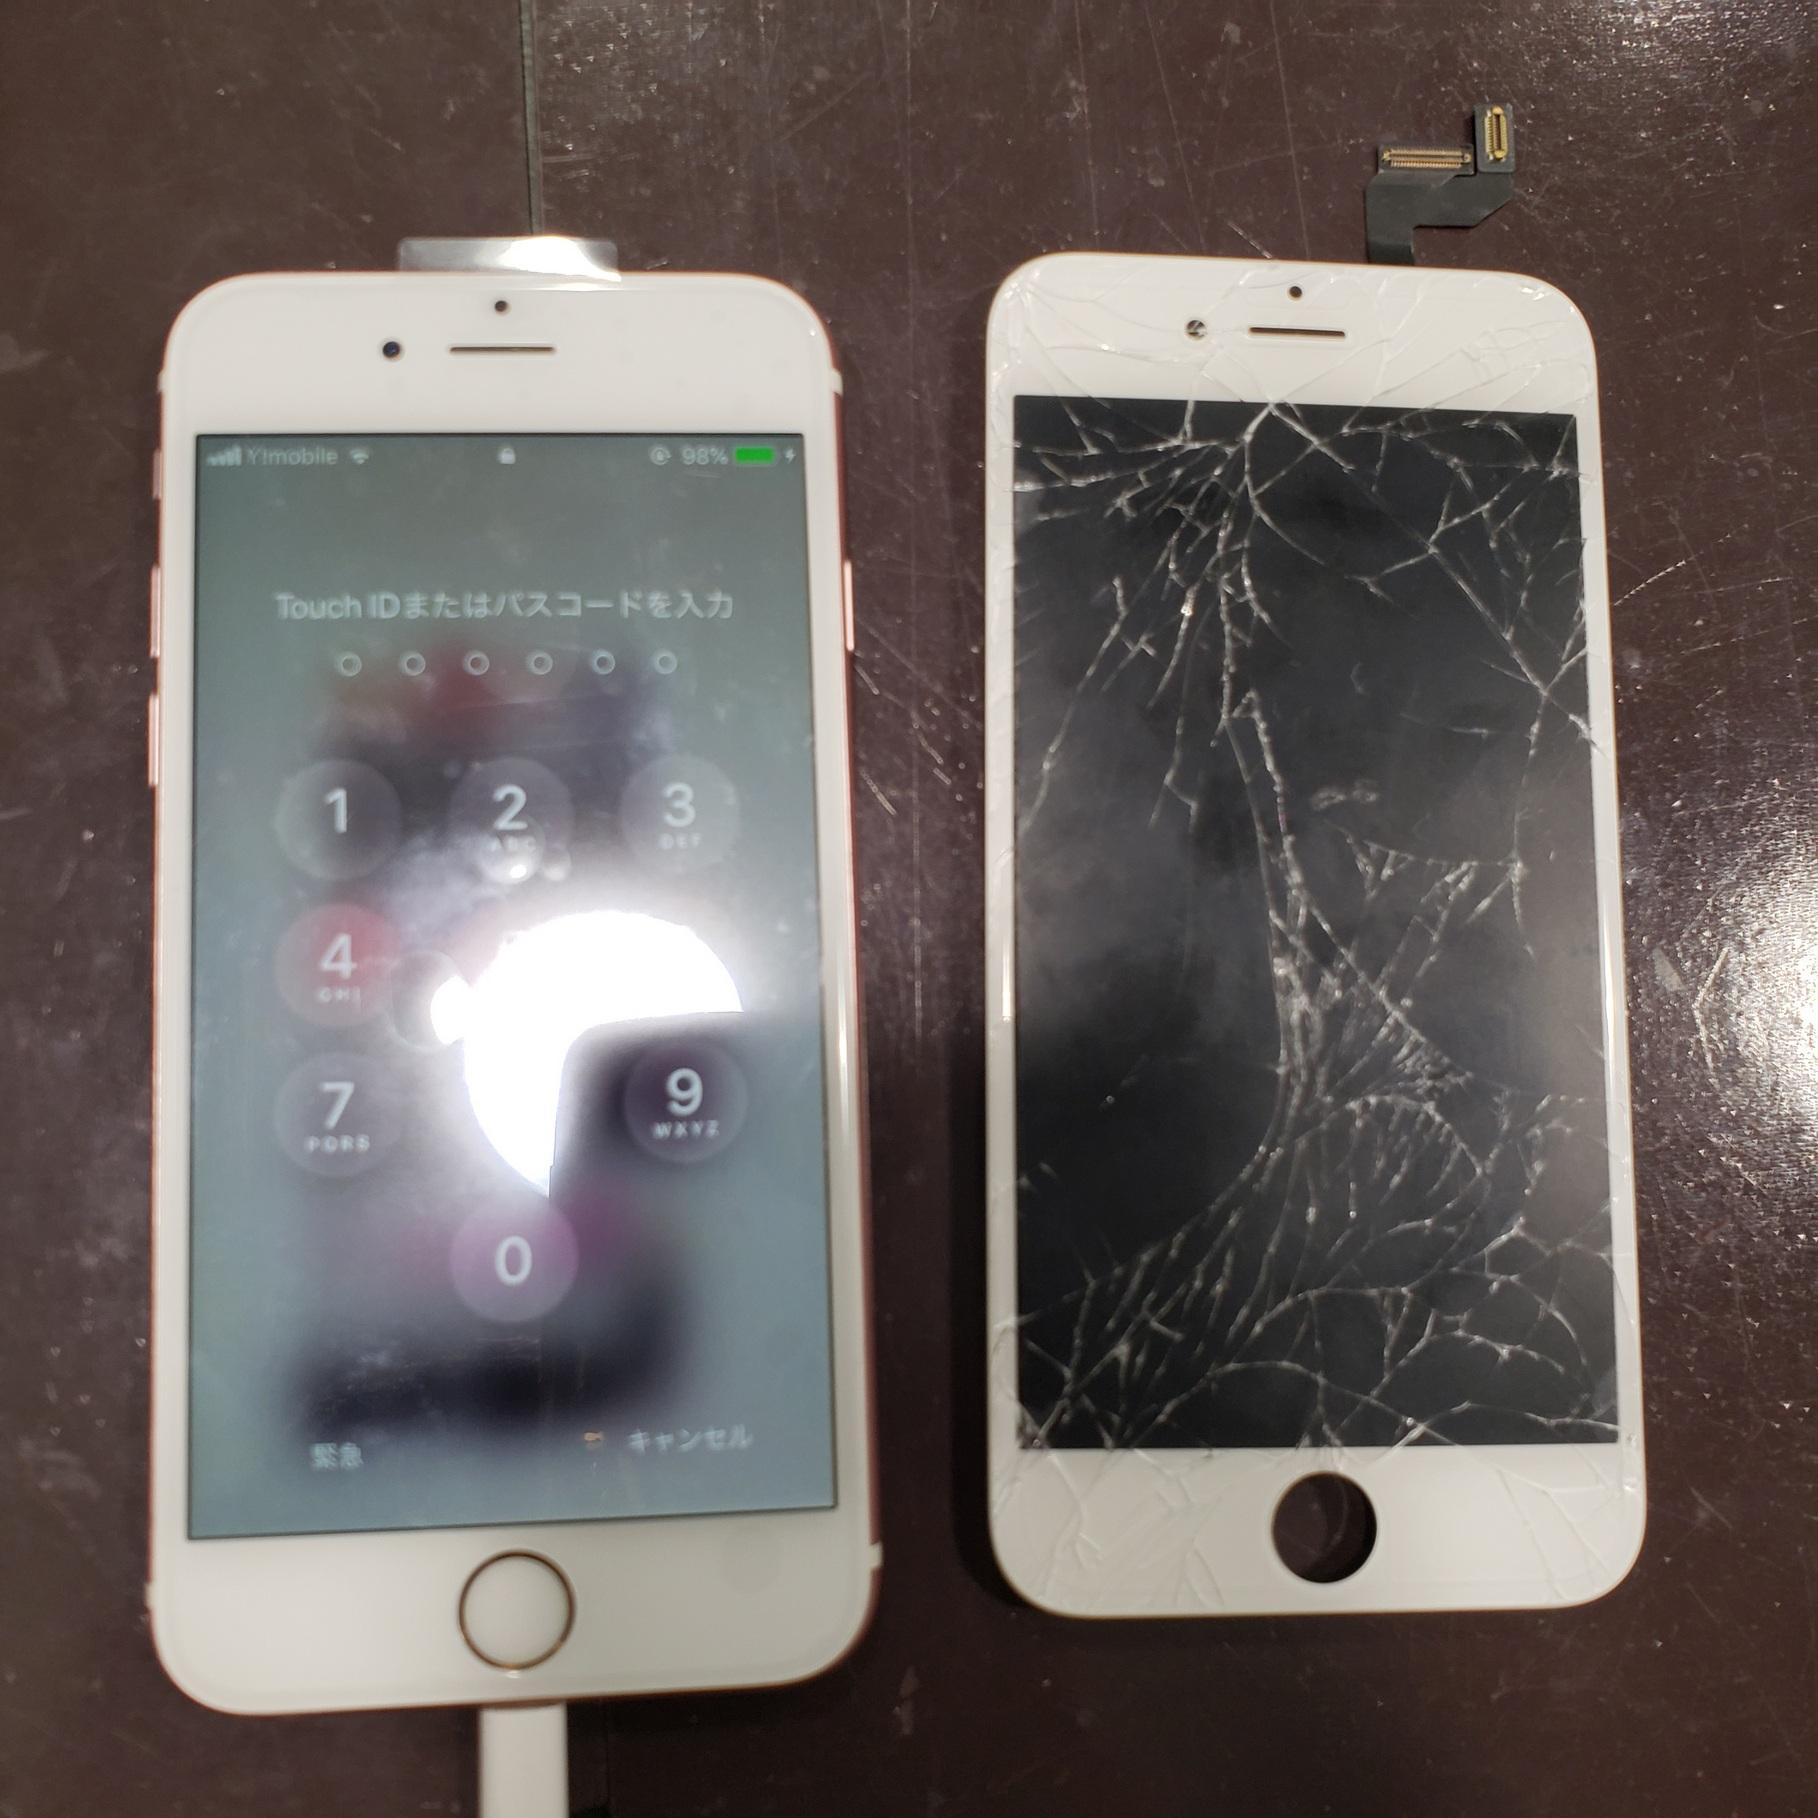 今年もお世話になりました!新年も宜しくお願い致します! iPhone6s画面修理 【伊丹市からお越しのお客様】TEL:072-767-1011